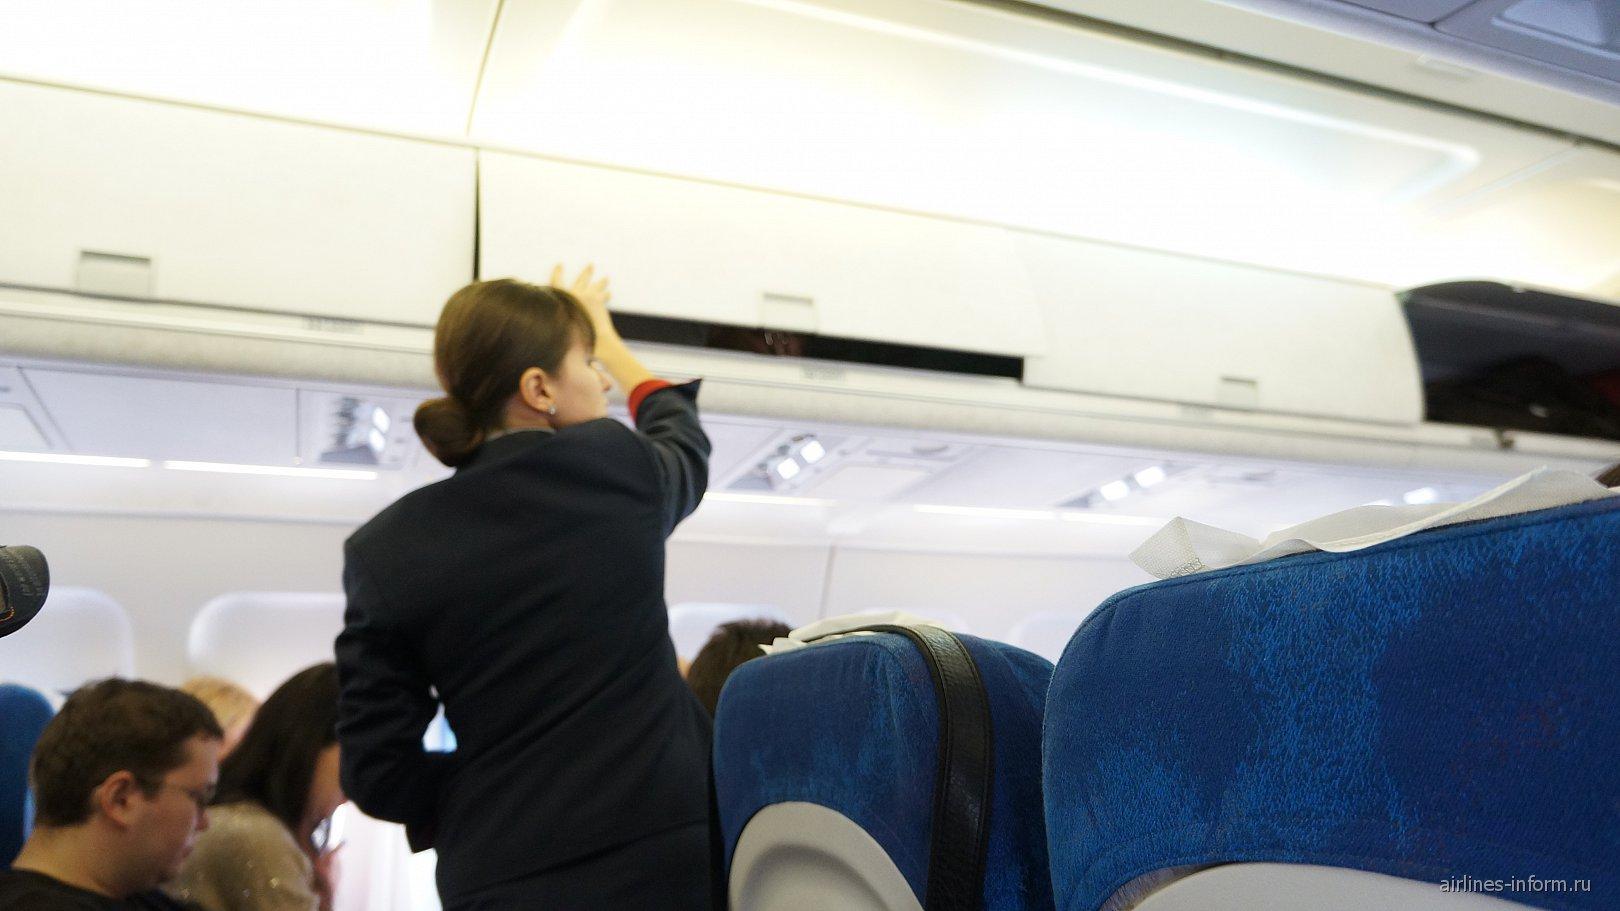 Салон самолета Ту-214 авиакомпании Трансаэро